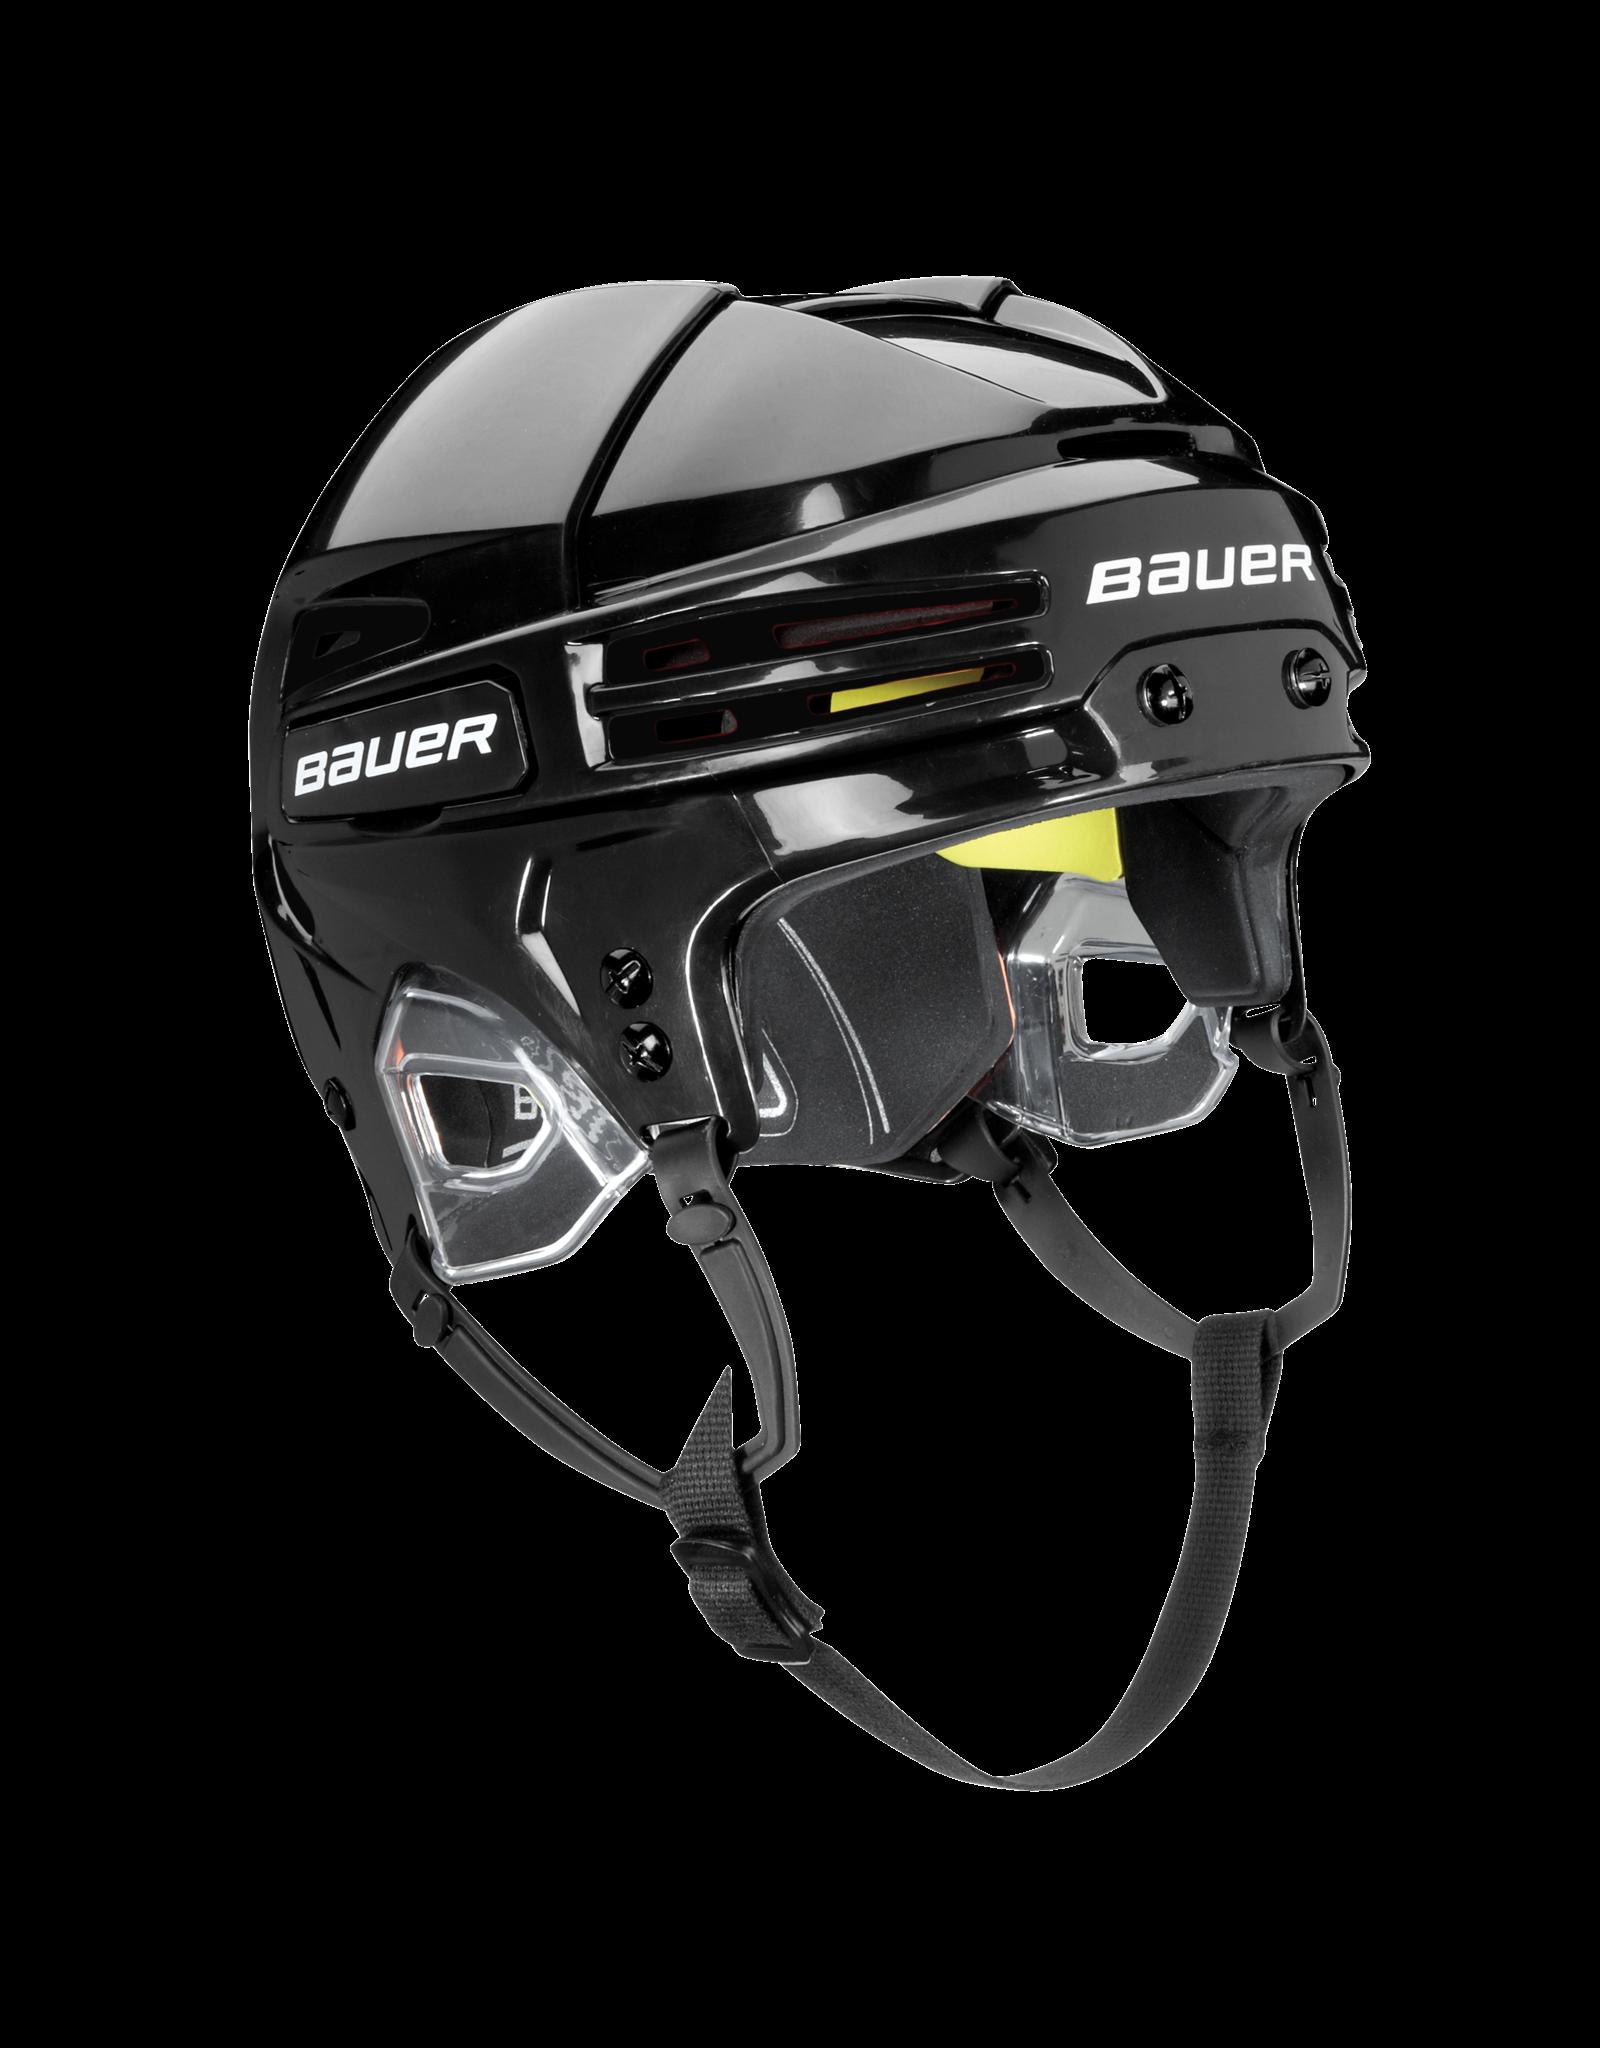 Bauer Hockey - Canada BAUER RE-AKT 75 HELMET